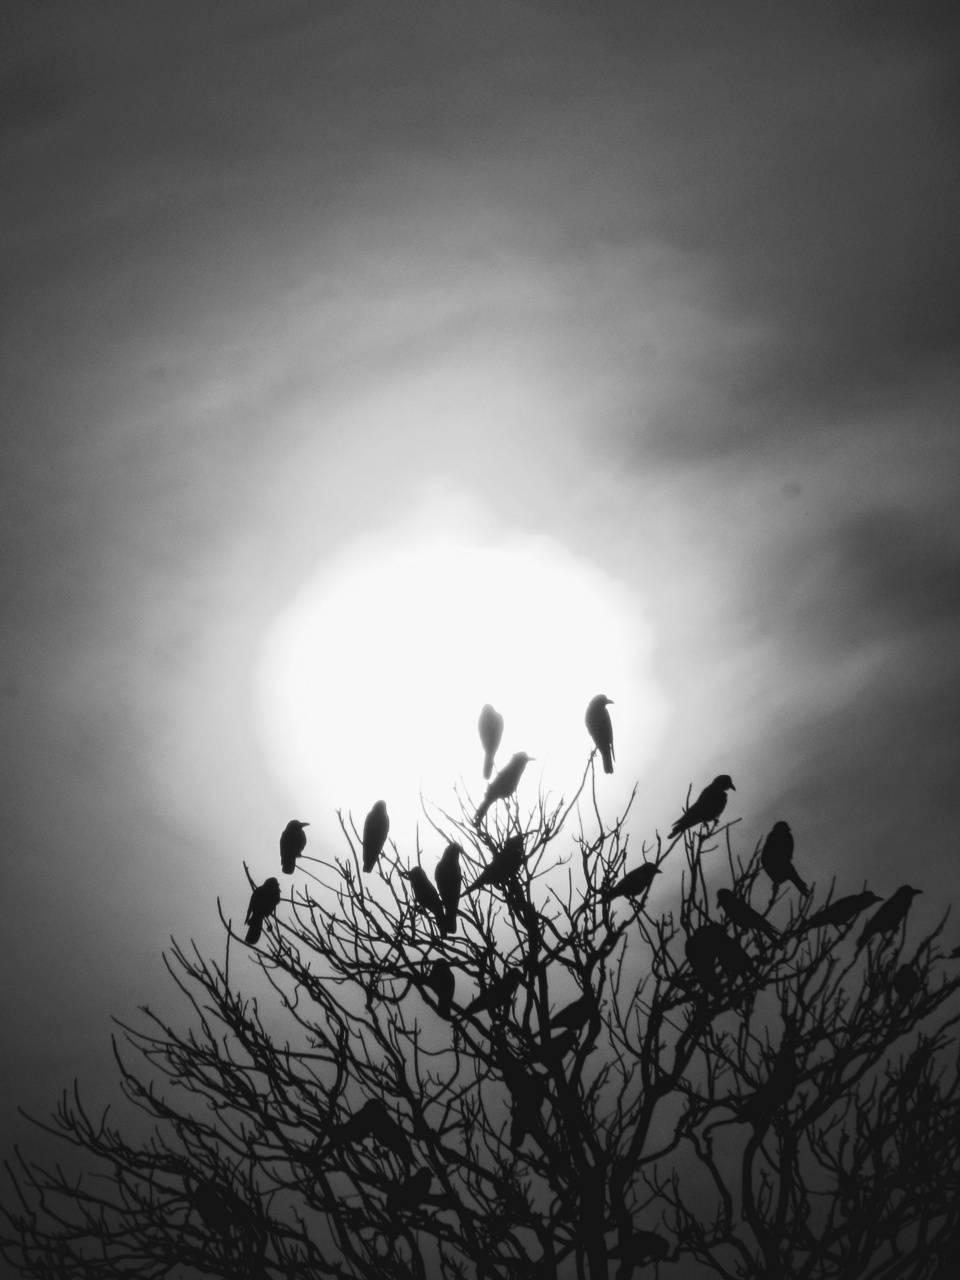 BirdsMood